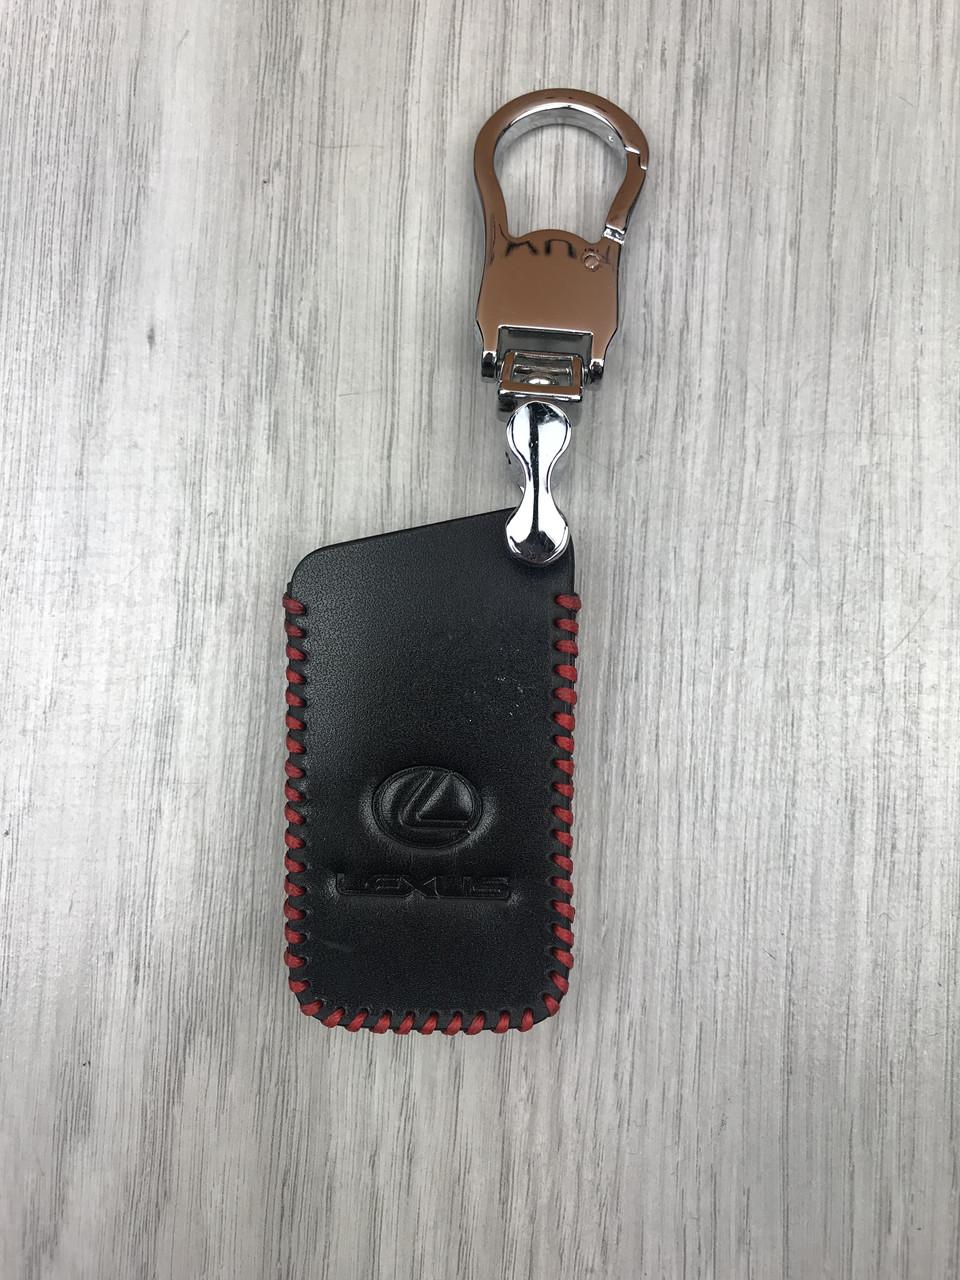 Трендовая кожаная ключница Lexus черная Люкс Автомобильный брелок для ключей Стильный Молодежный Лексус копия